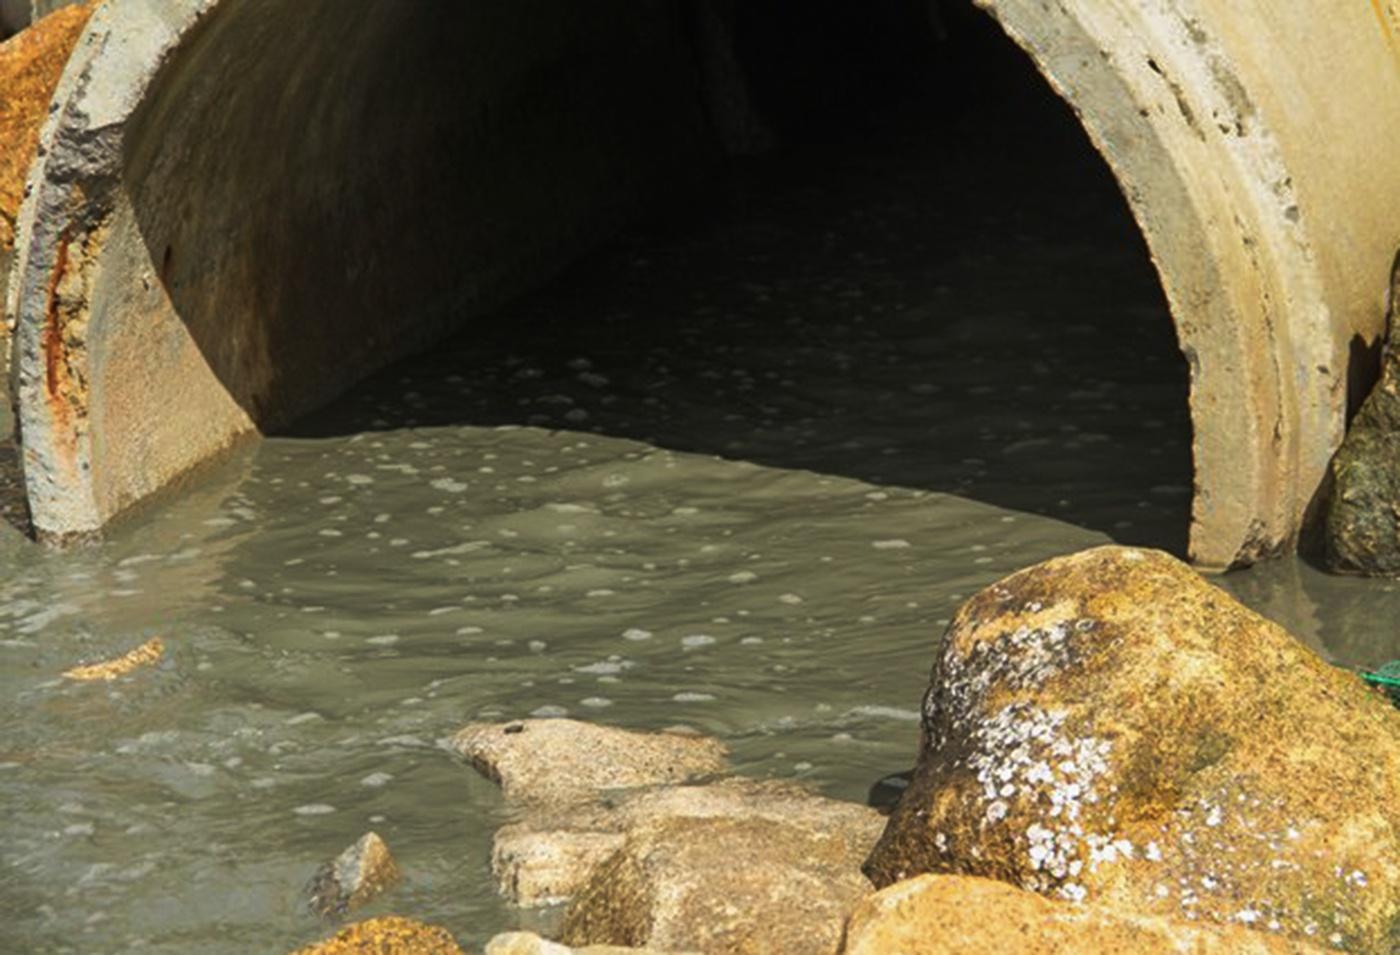 Nước biển Quy Nhơn bị nhuộm đen bất thường